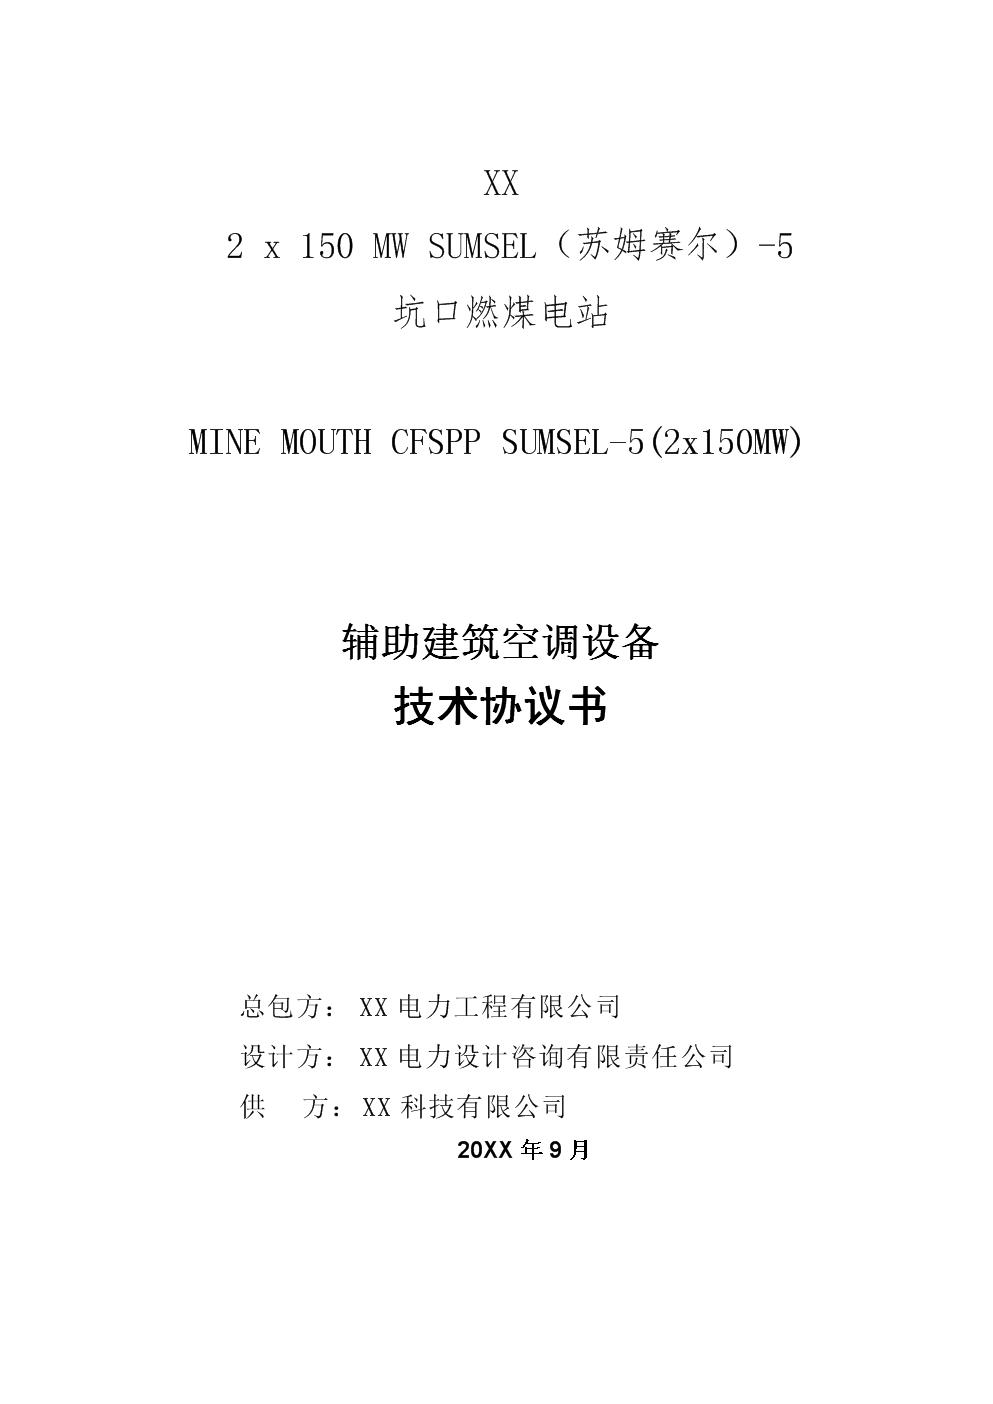 国外燃煤电厂项目辅助建筑空调设备技术协议.doc